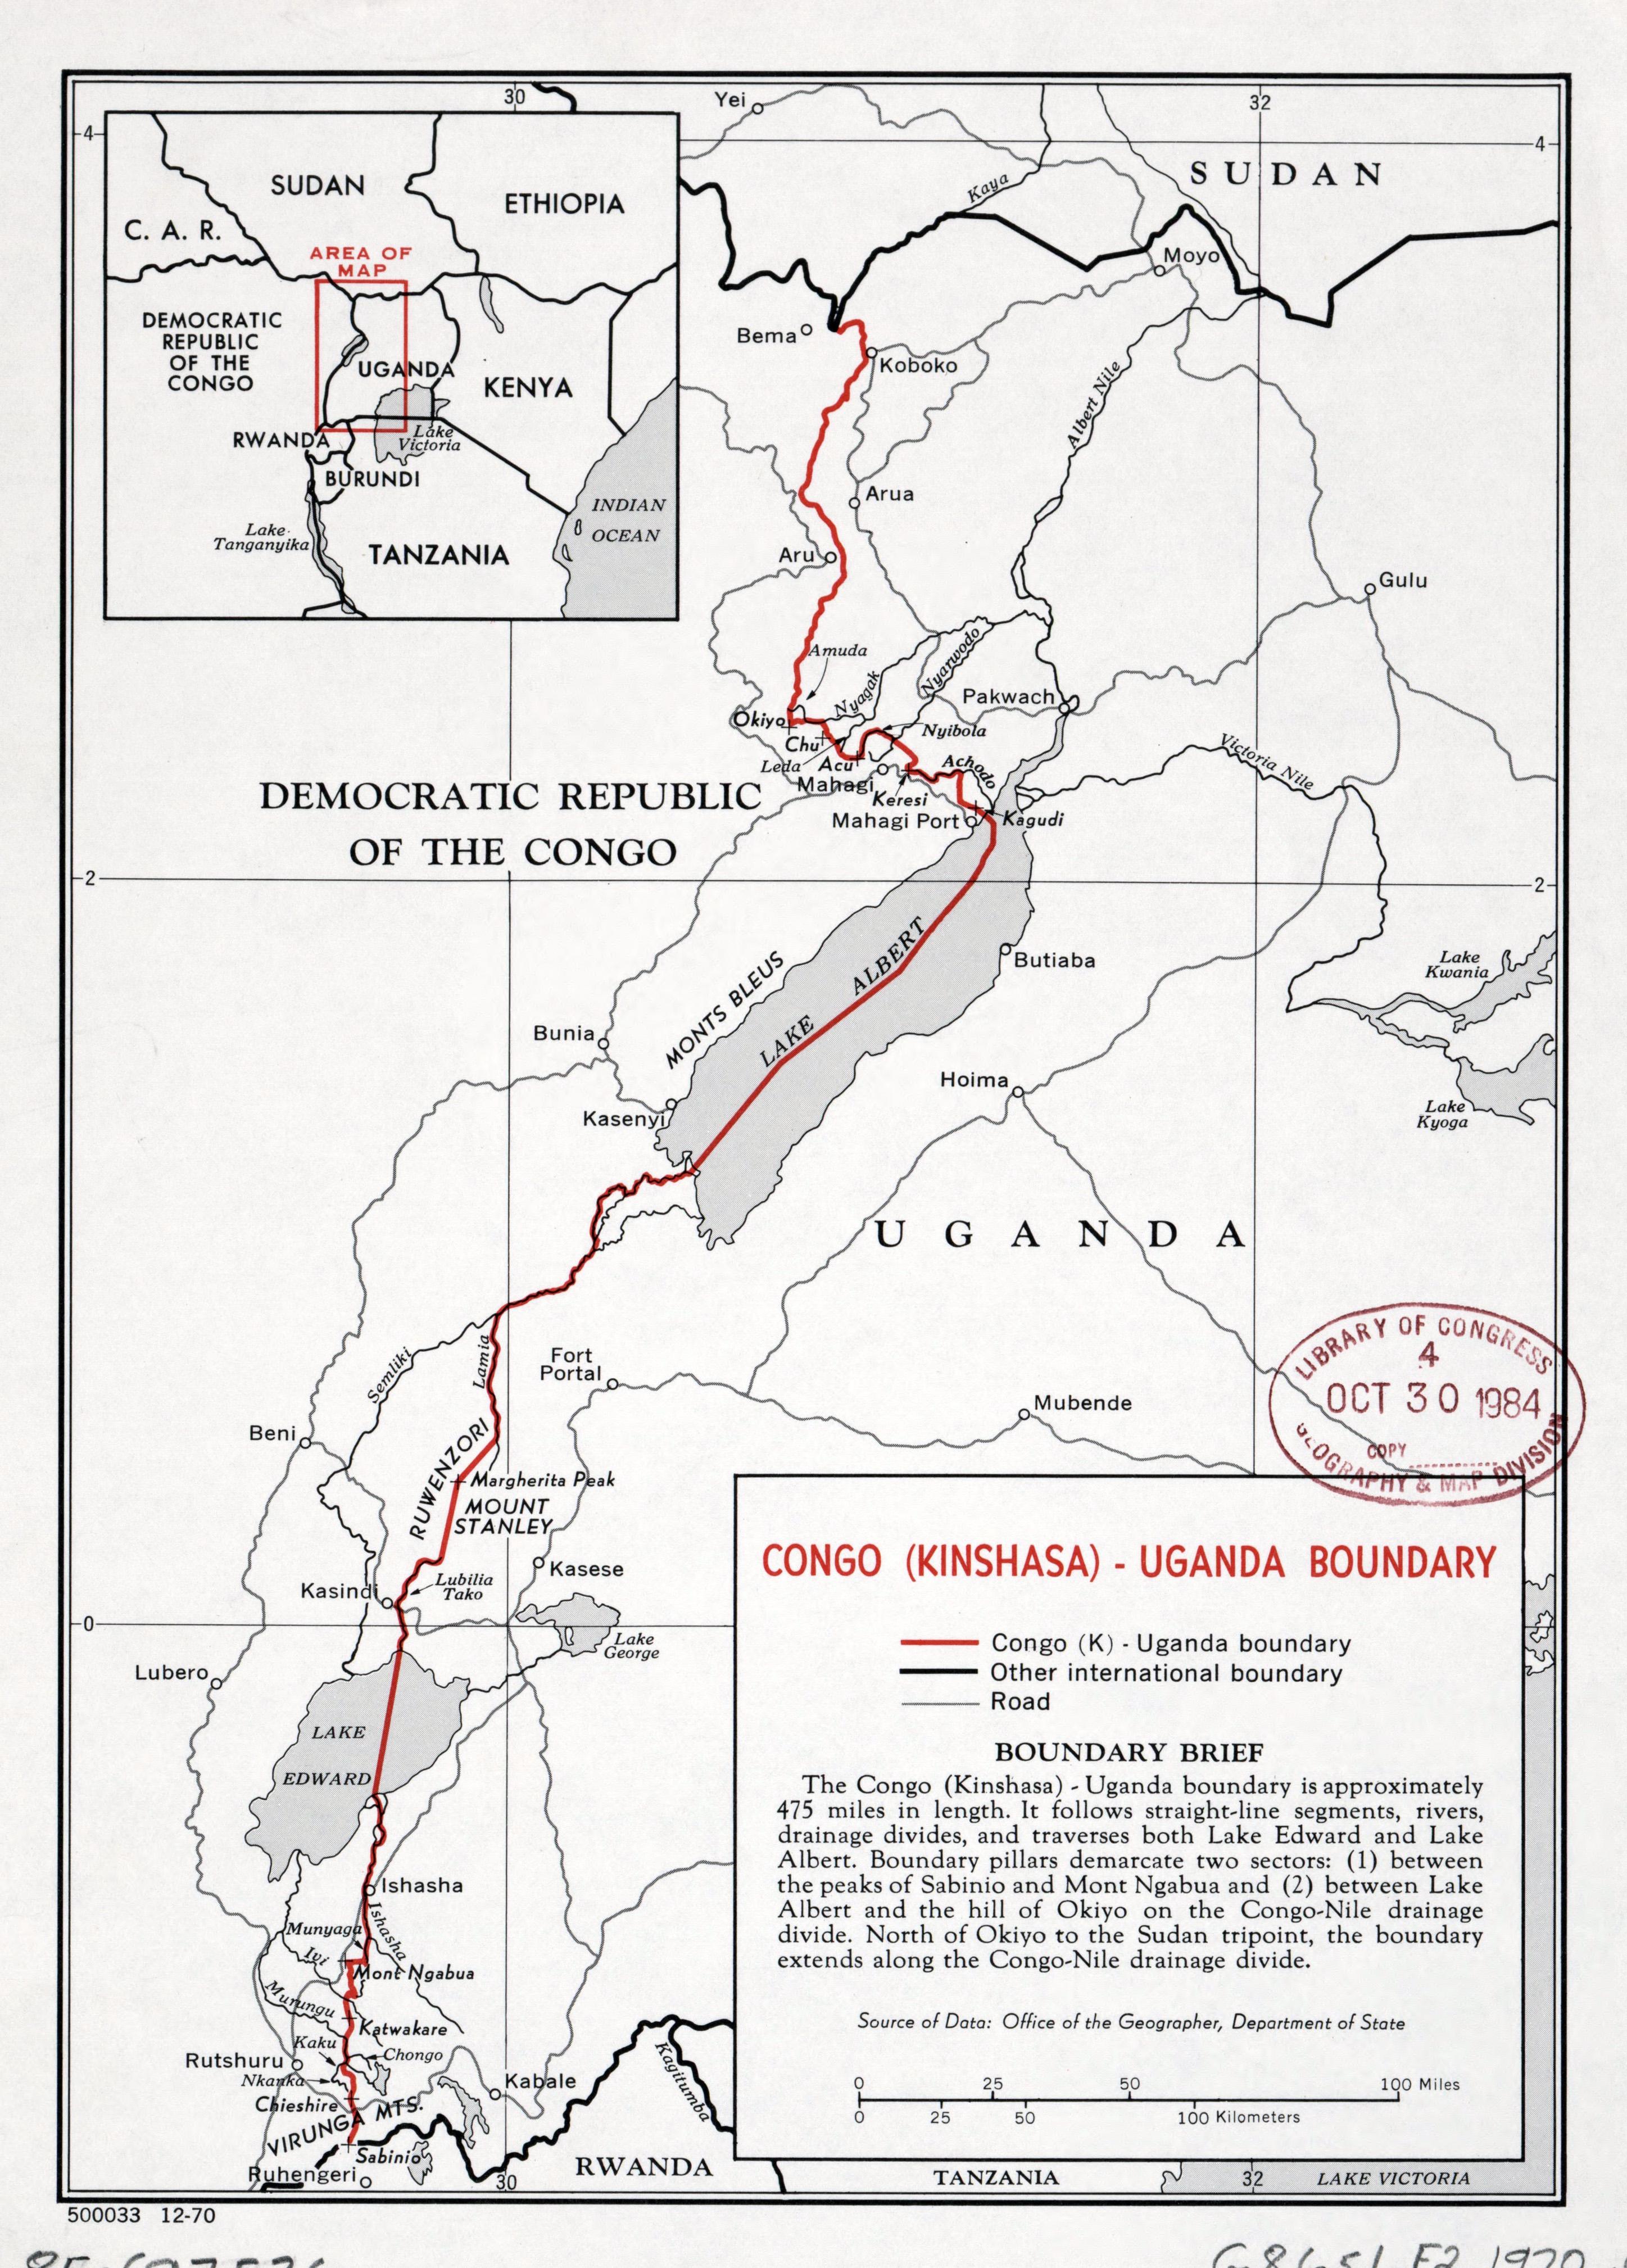 Large detailed Congo (Kinshasa) - Uganda boundary map - 1970 ... on dar es salaam on map of africa, mogadishu on map of africa, tripoli on map of africa, maputo on map of africa, jerusalem on map of africa, brazzaville on map of africa, lagos on map of africa, democratic republic of the congo on map of africa, khartoum on map of africa, lusaka on map of africa, kigali on map of africa, addis ababa on map of africa, walvis bay on map of africa, victoria falls on map of africa, africa on map of africa, central african republic on map of africa, white nile on map of africa, alexandria on map of africa, timbuktu on map of africa, nairobi on map of africa,